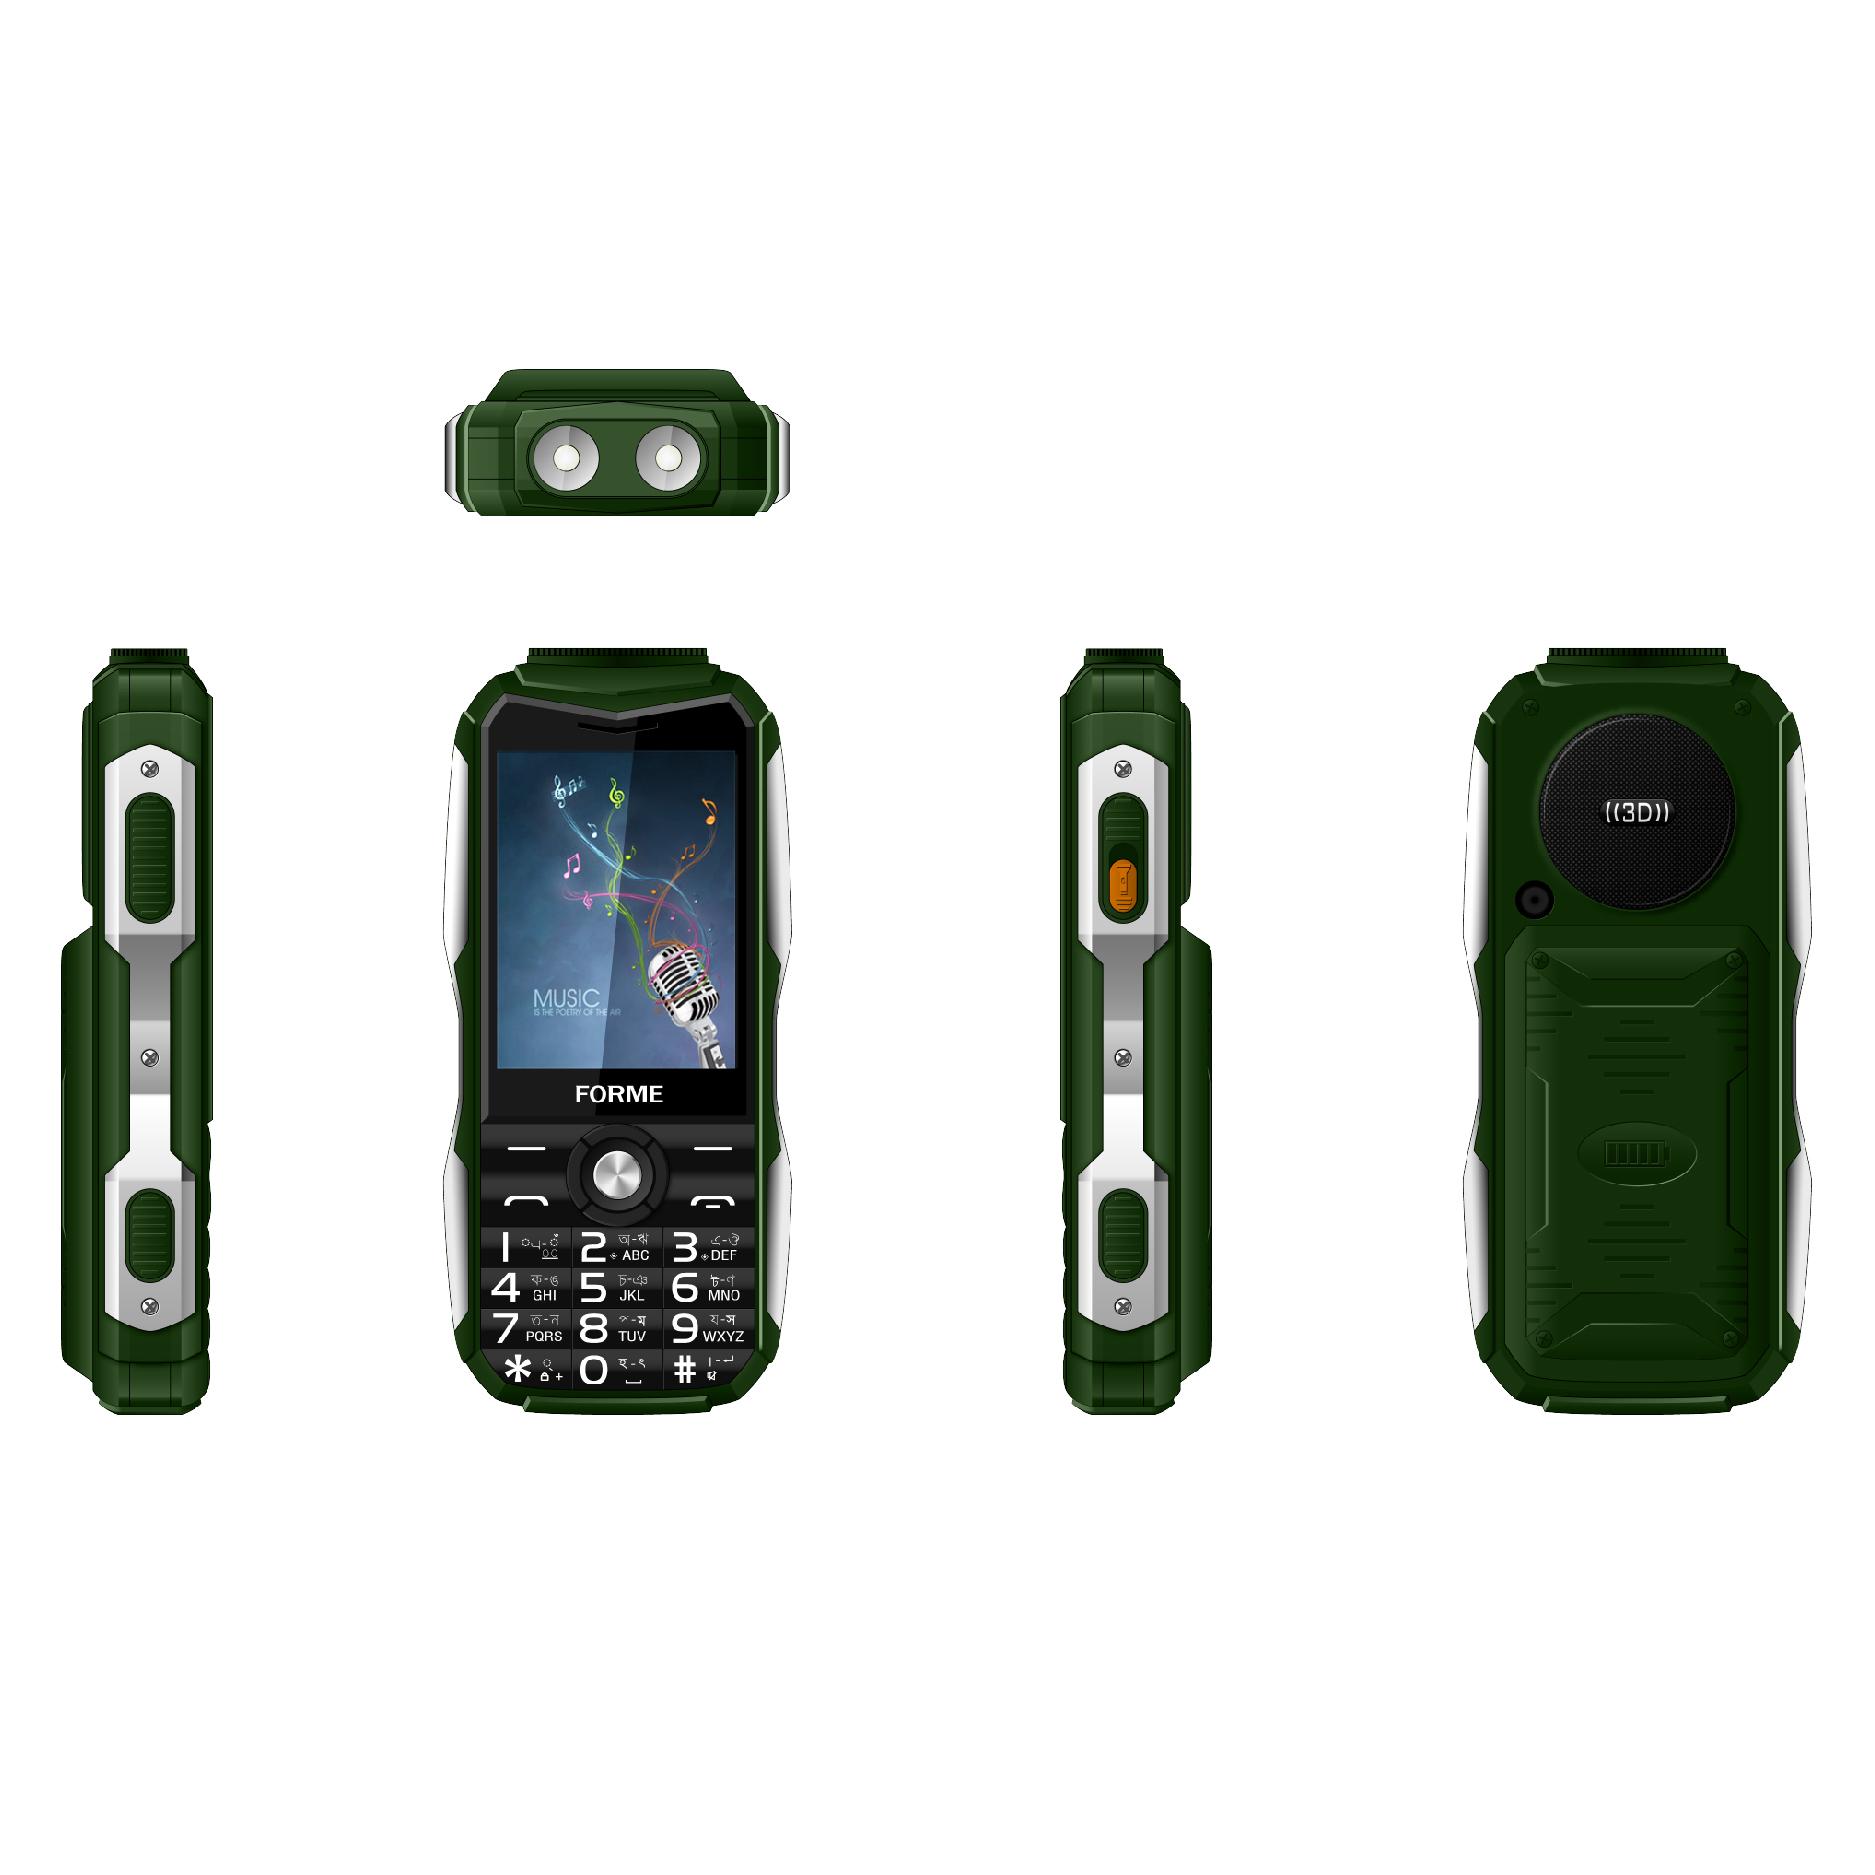 Điện thoại di động Forme D777 - Hàng chính hãng